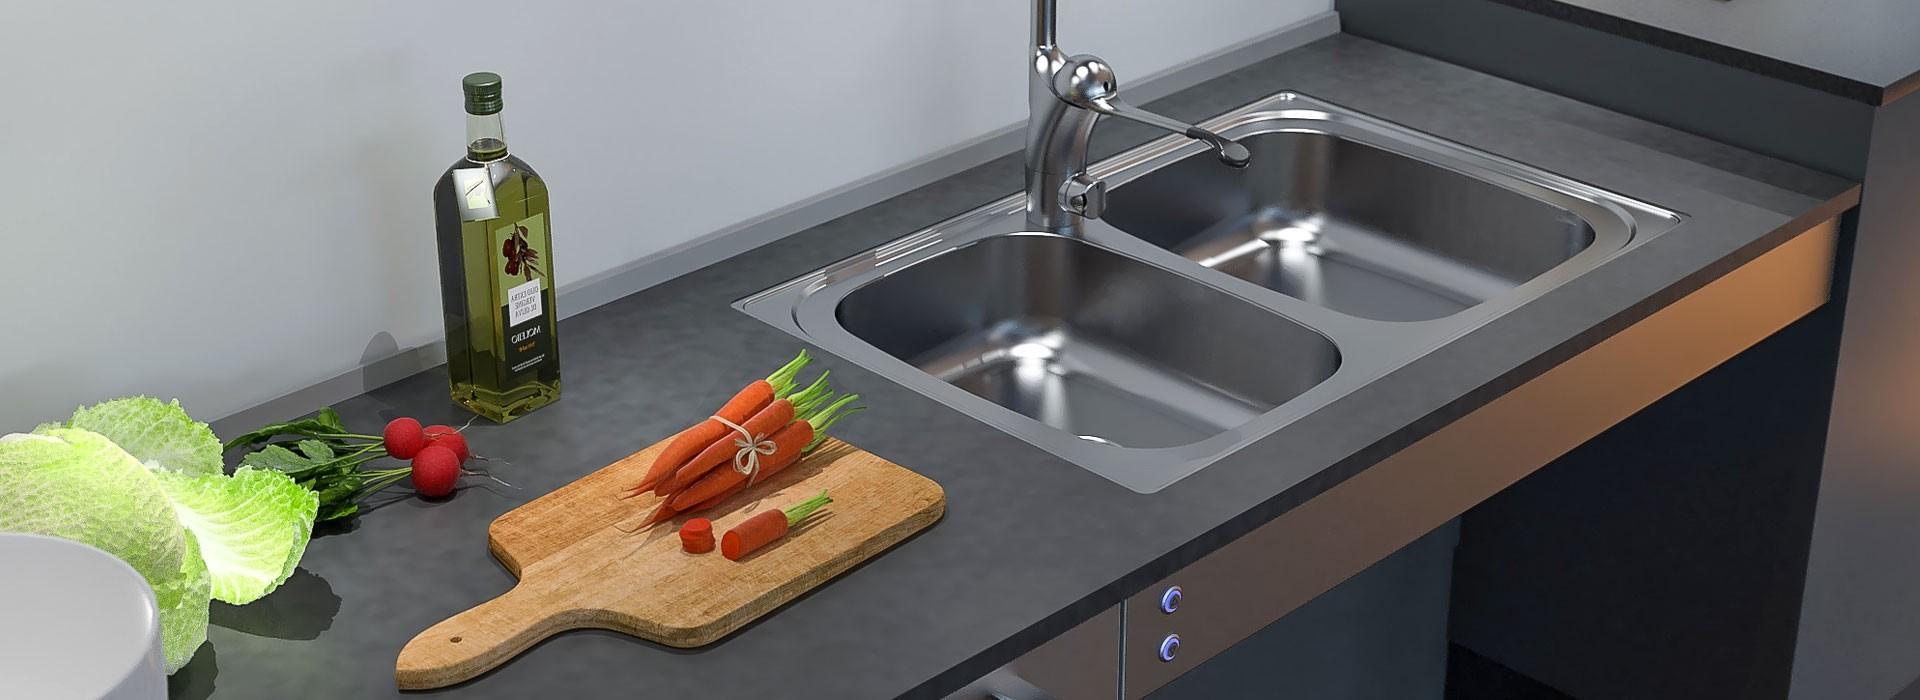 À l'instar d'autres normes d'installation courantes, ce ne sont pas les règles de construction qui fixent la hauteur des comptoirs de cuisine.